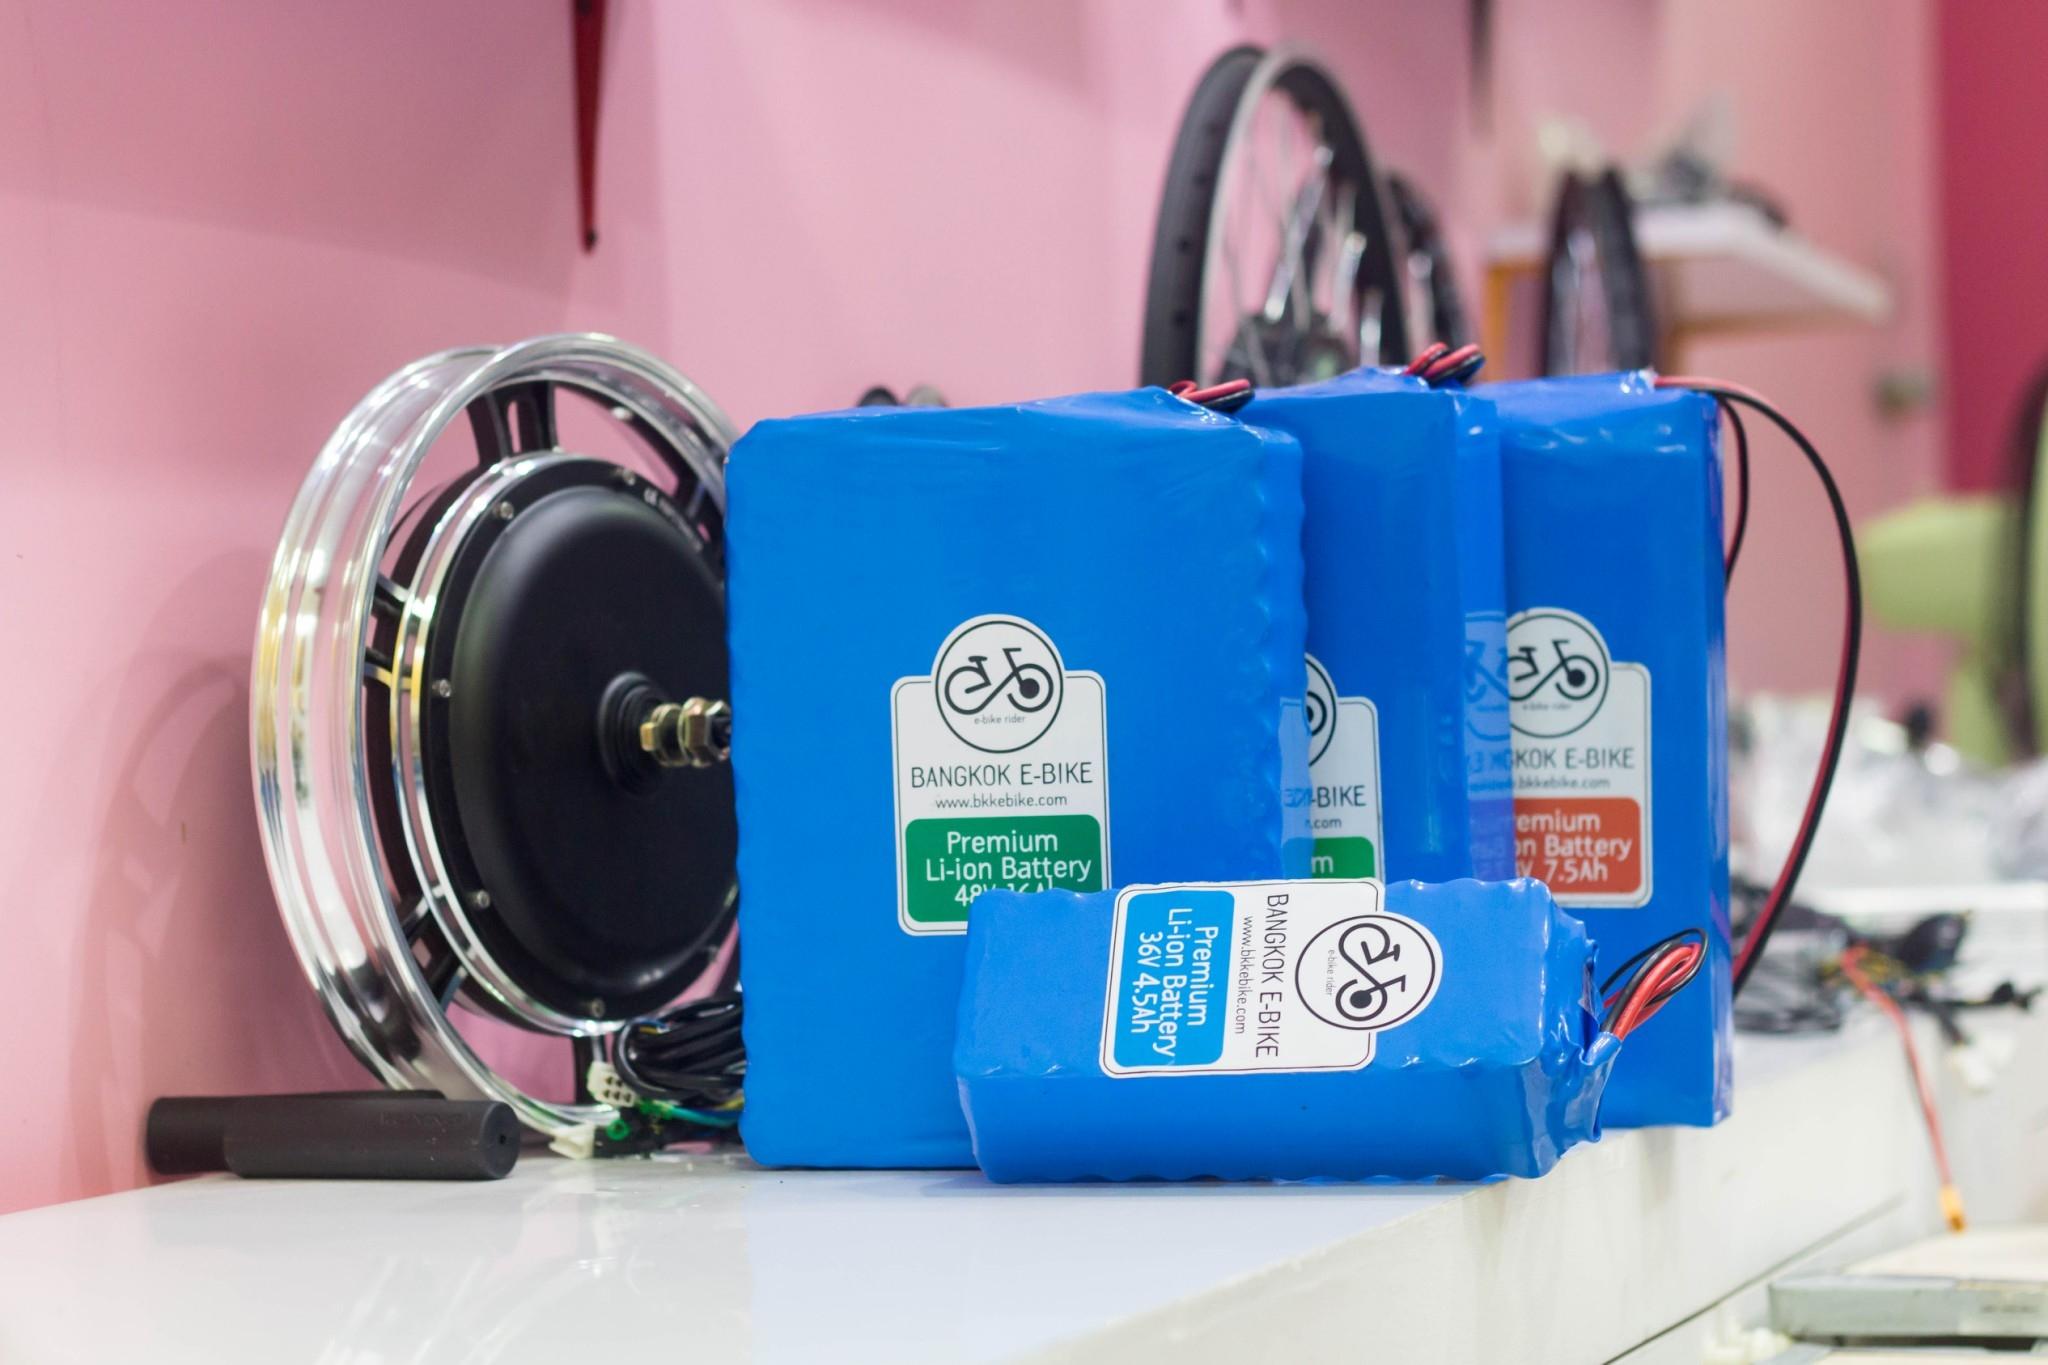 แบตเตอรี่สำหรับจักรยานไฟฟ้า Li-ion